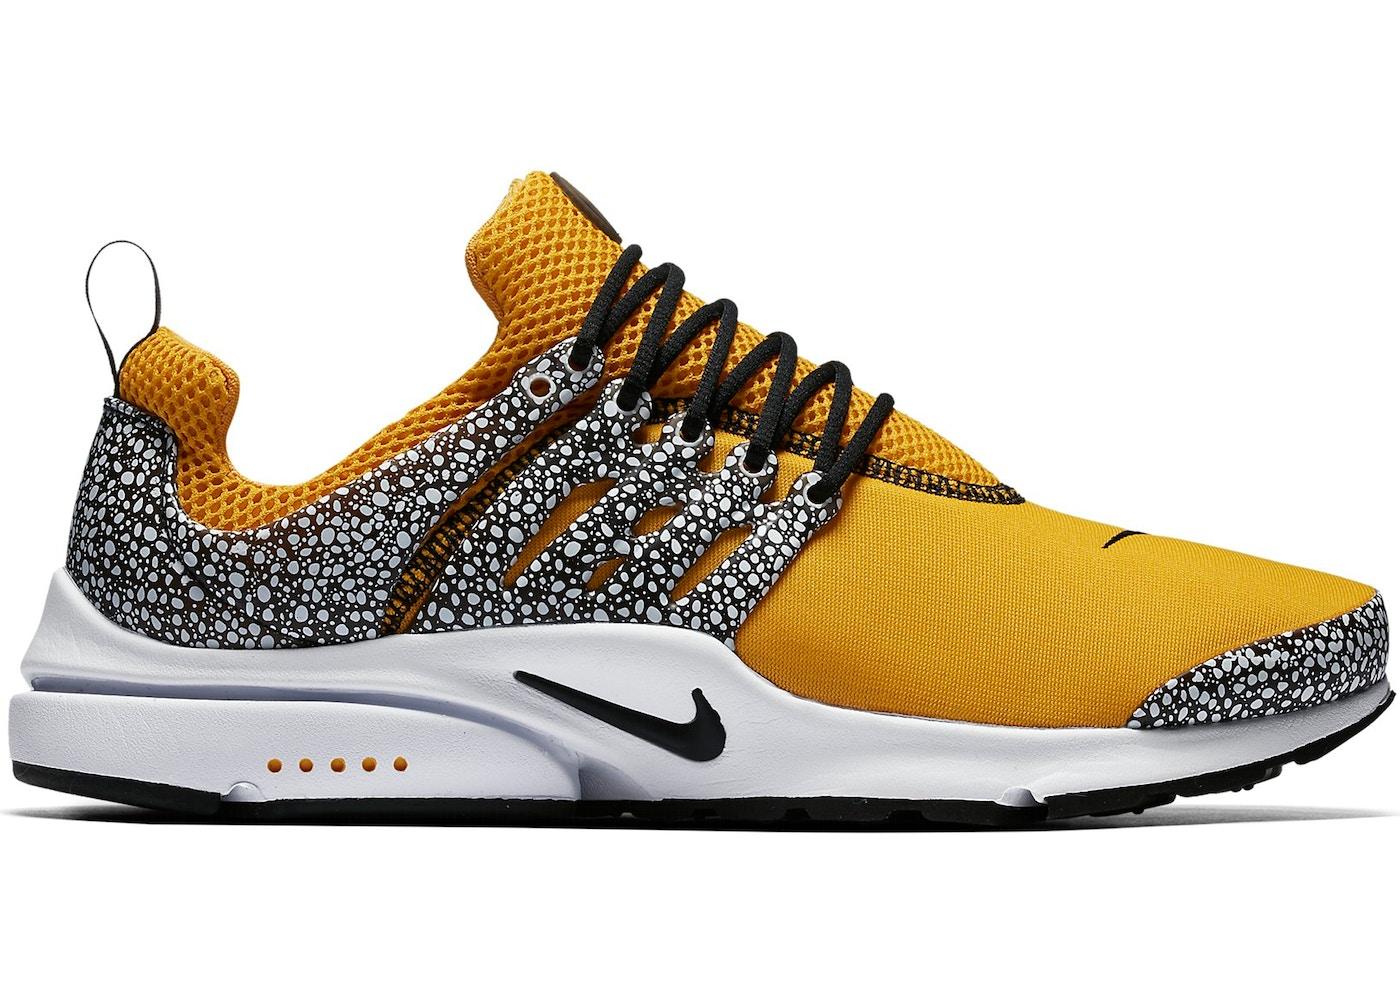 Nike Air Presto giallo